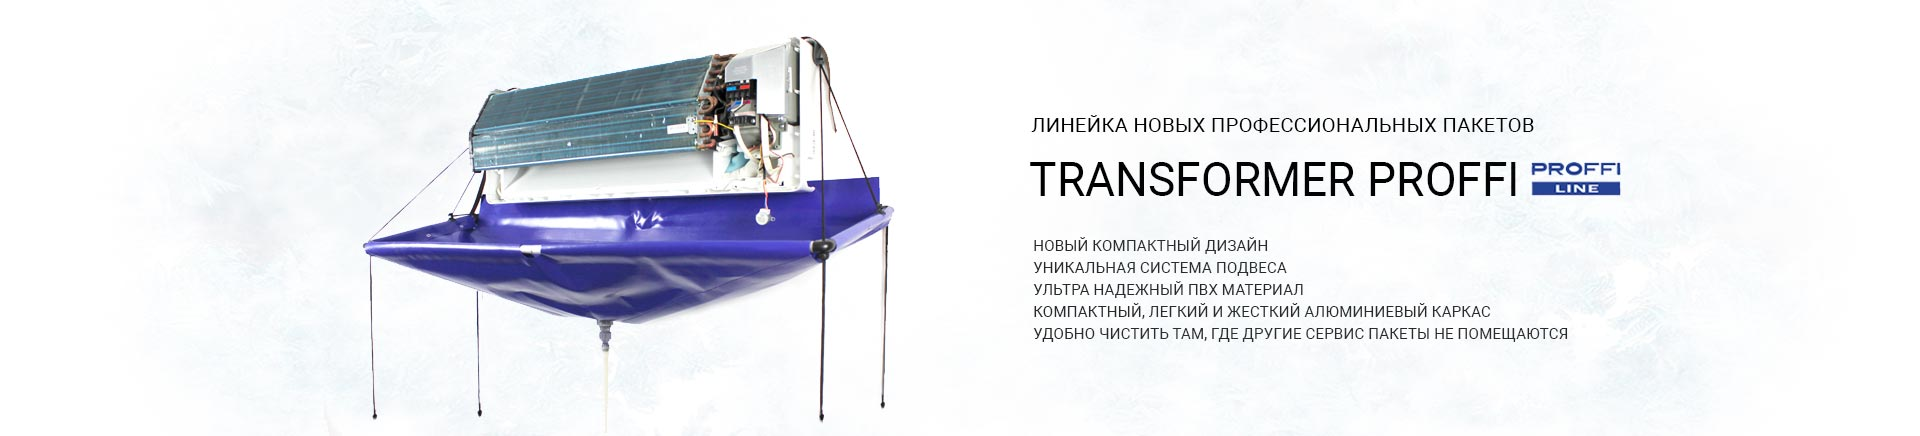 СЕРВИС ПАКЕТ Transformer Proffi